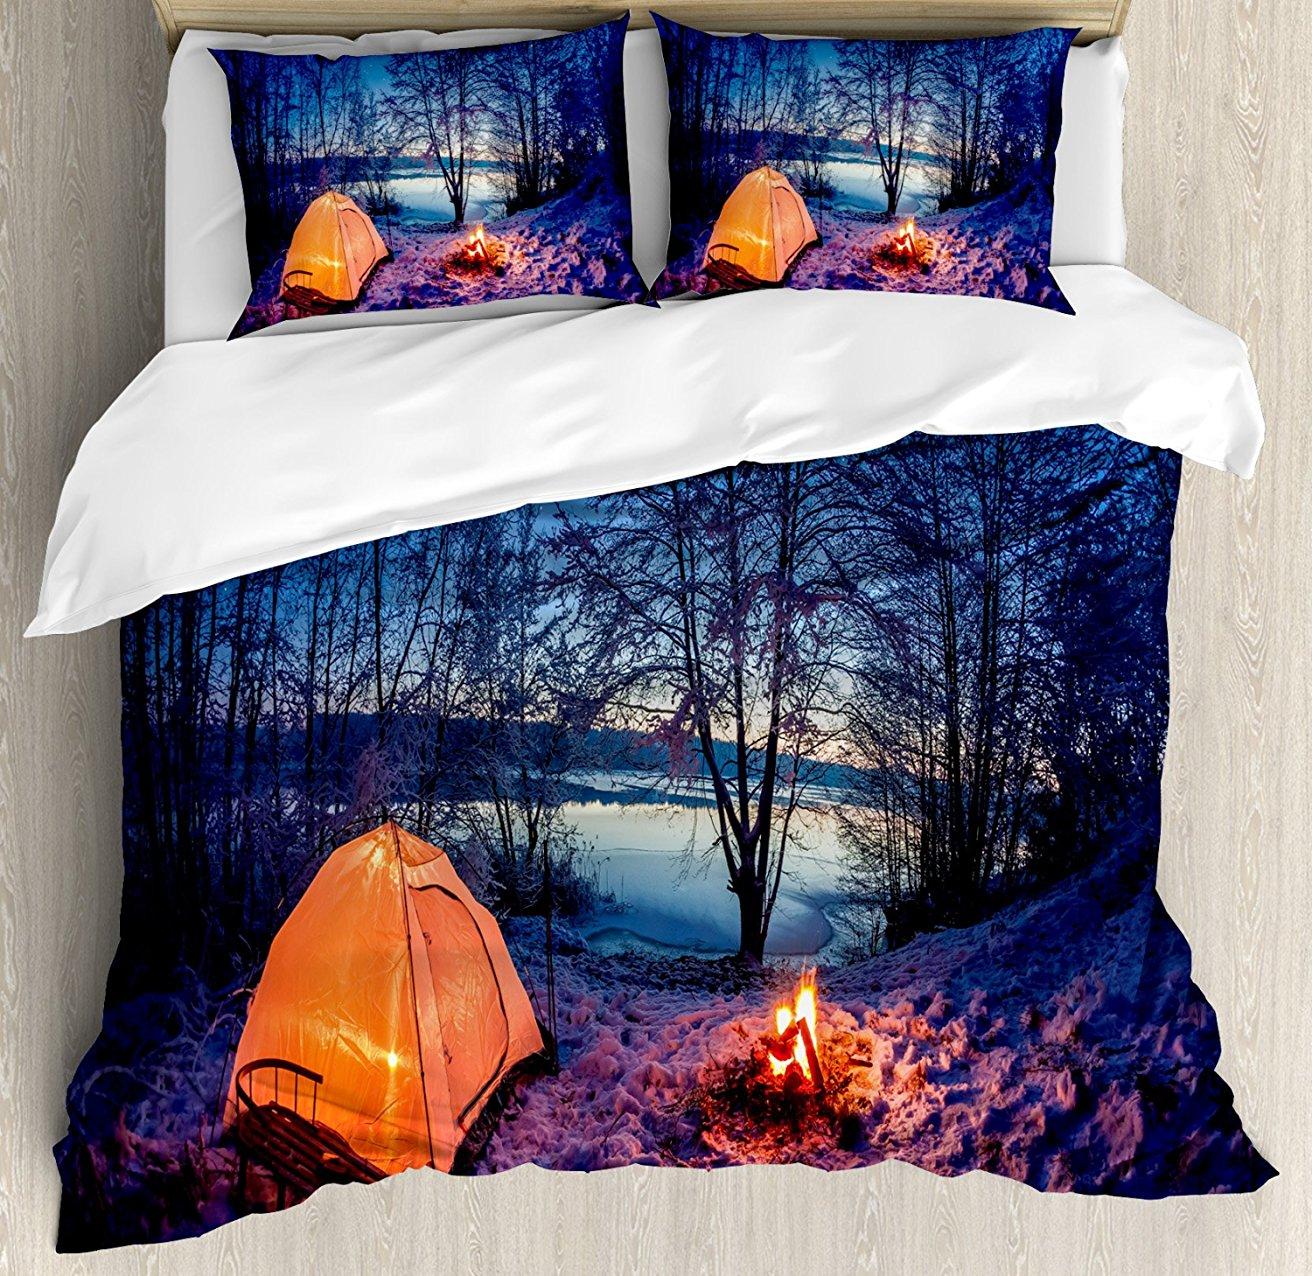 Forêt housse de couette ensemble nuit sombre Camping tente Photo en hiver sur les terres enneigées au bord du lac ensemble de literie 4 pièces